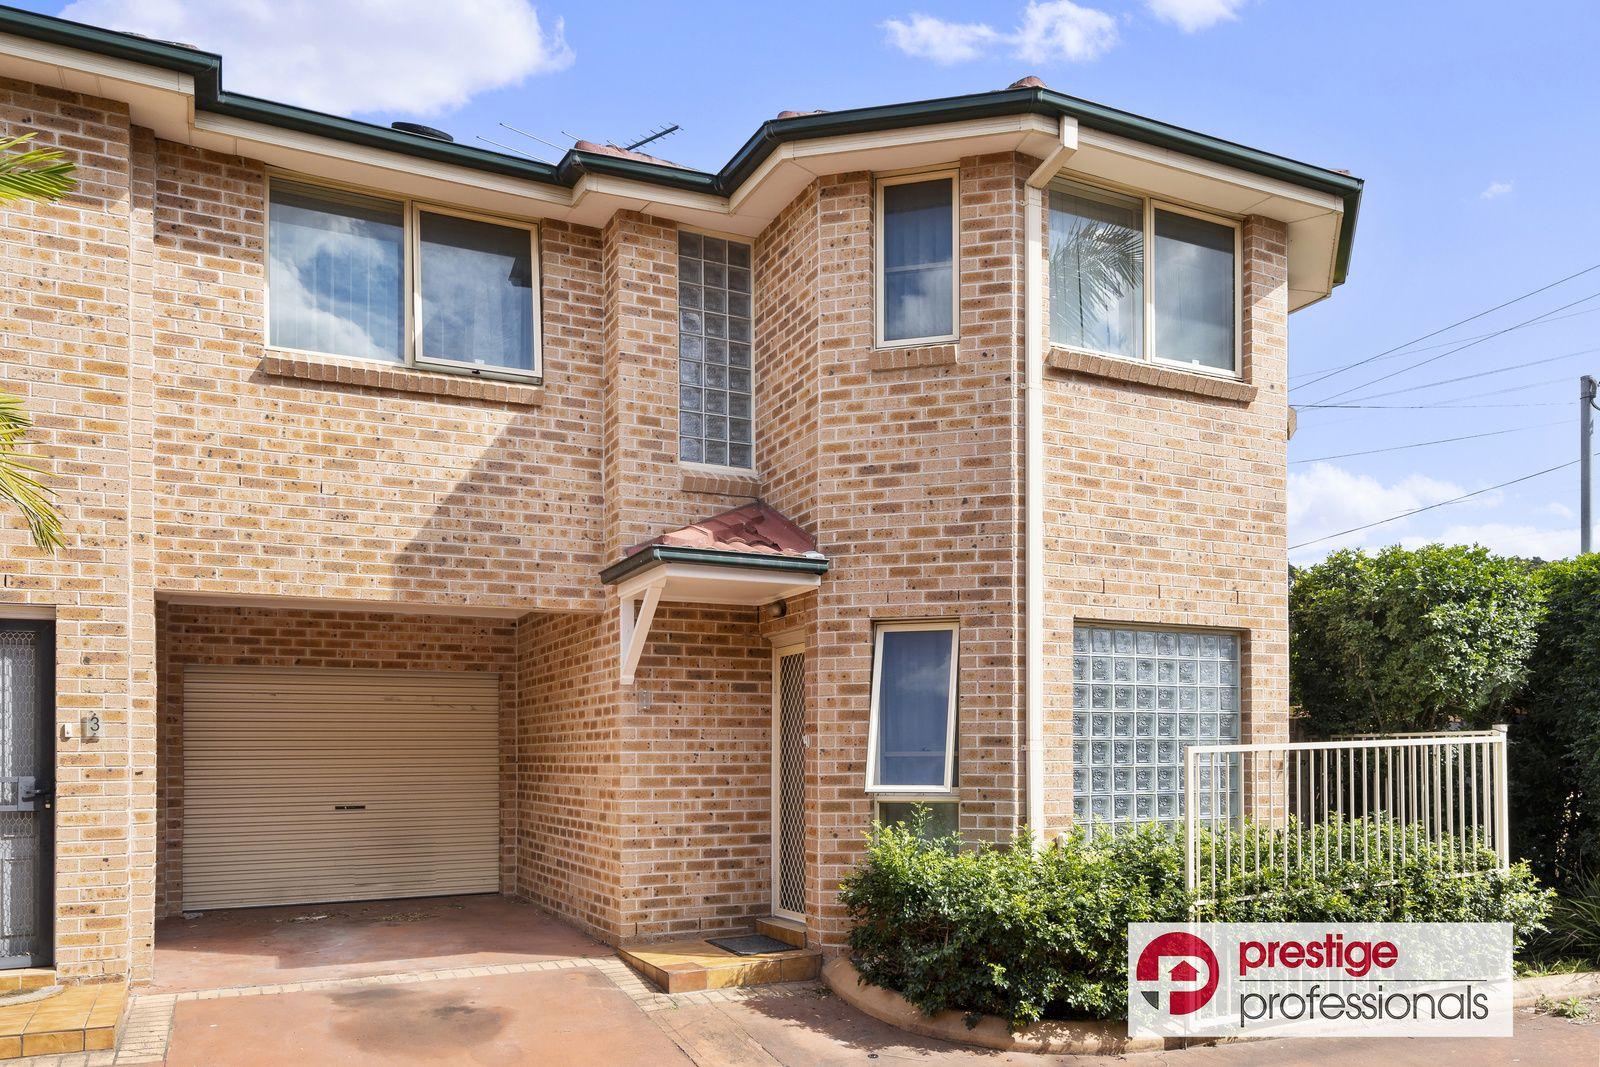 1/180 Newbridge Road, Moorebank NSW 2170, Image 0